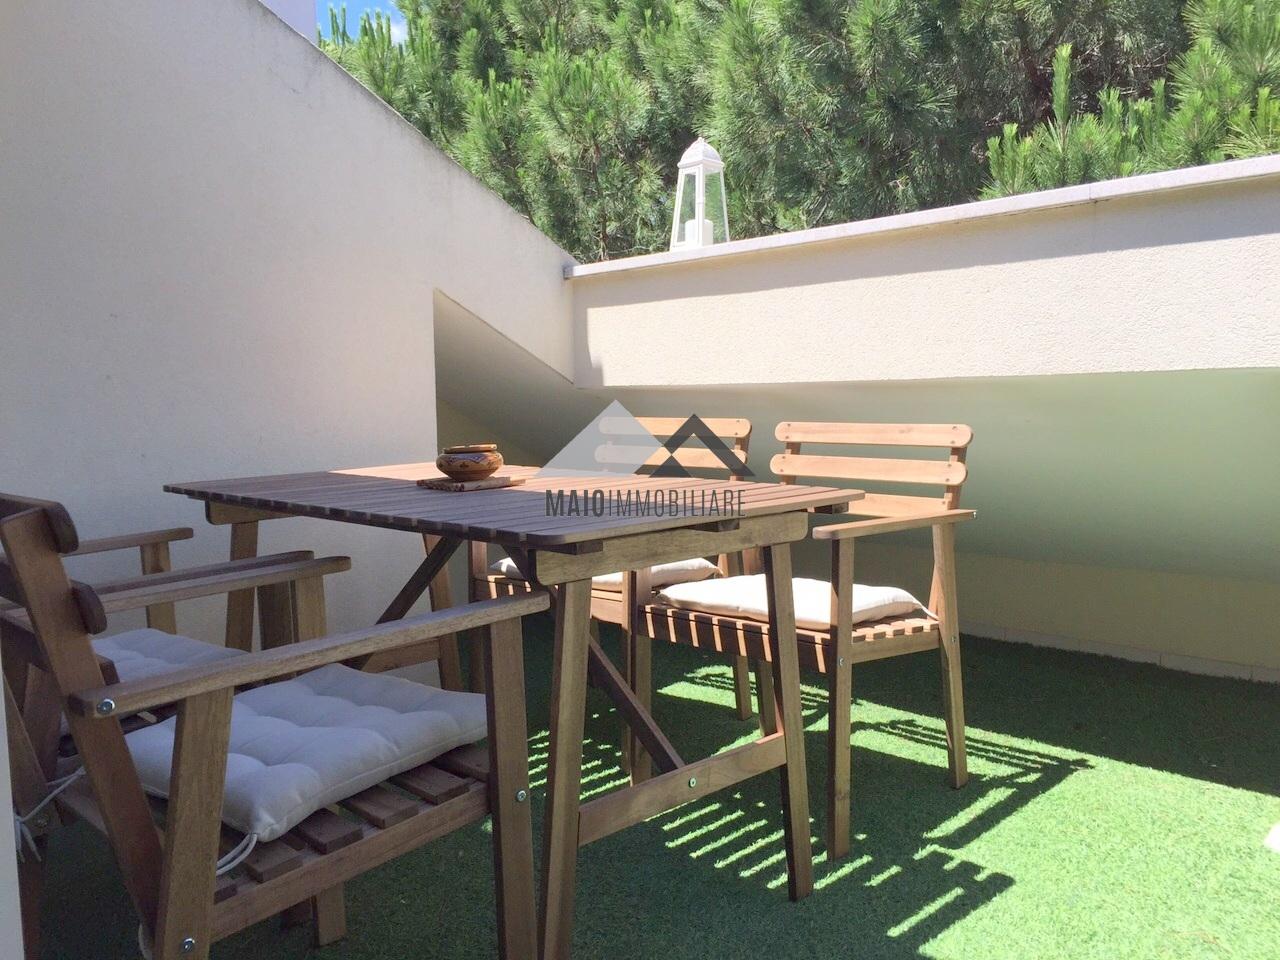 Appartamento in vendita a Riccione, 2 locali, zona Località: ABISSINIA, prezzo € 330.000 | Cambio Casa.it